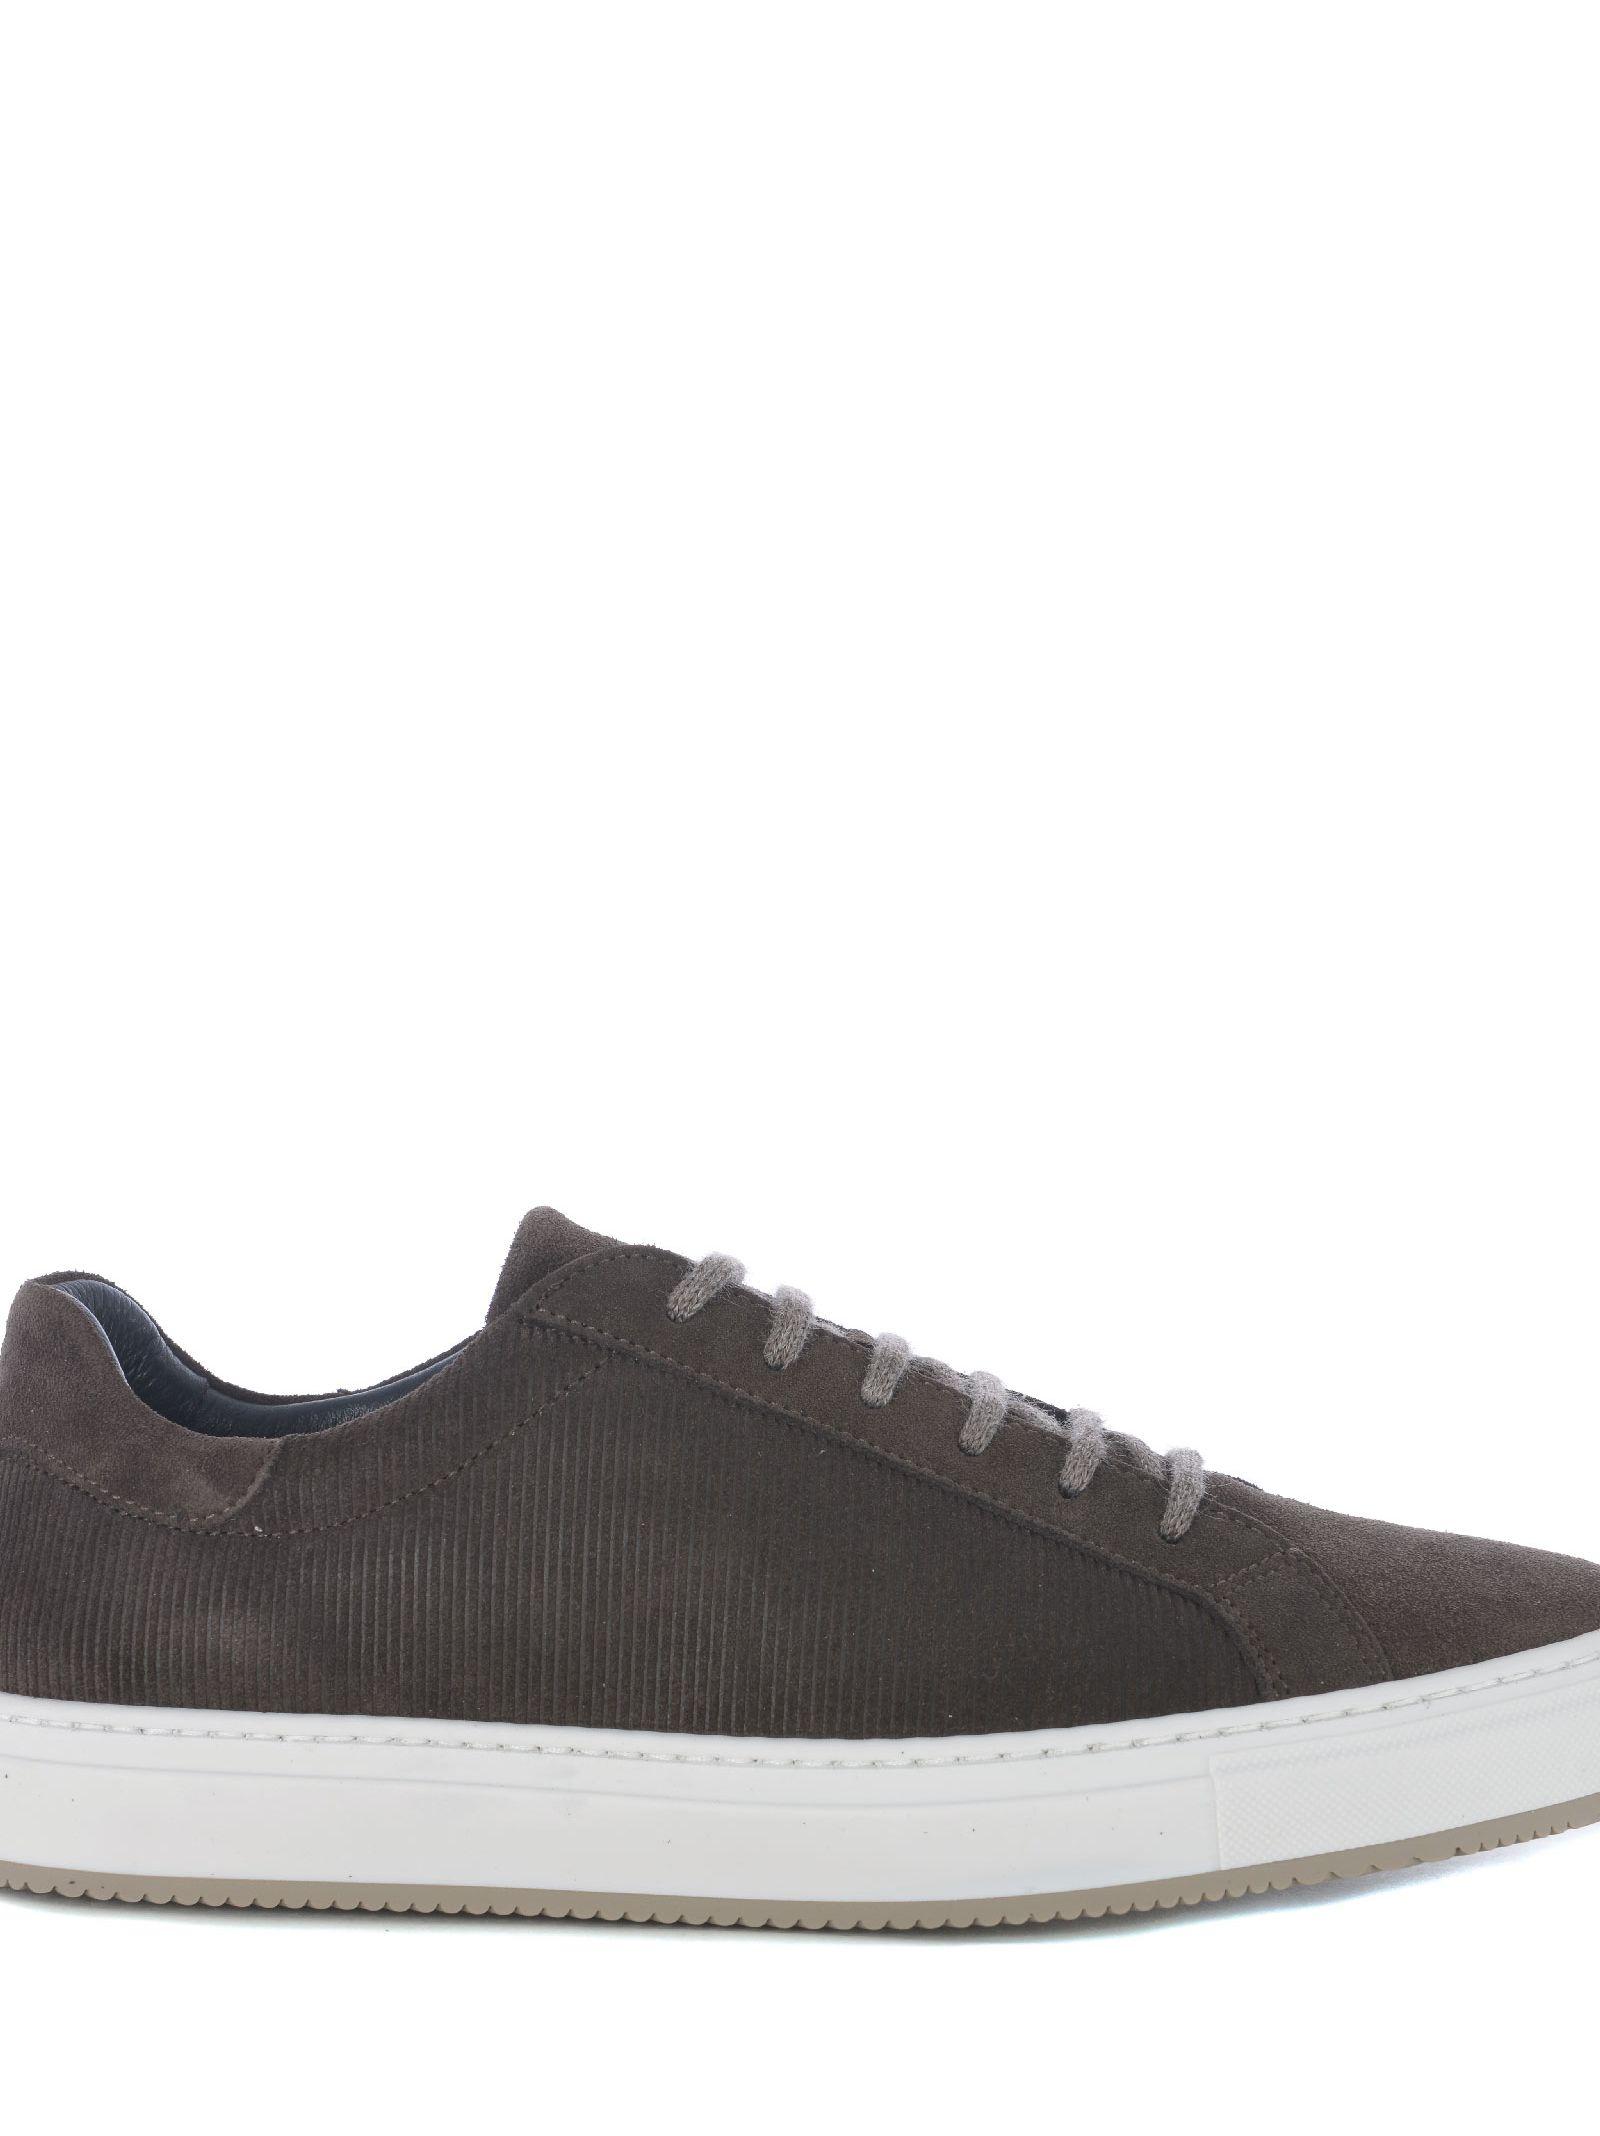 ANDREA ZORI Lace-Up Sneakers in Testa Di Moro